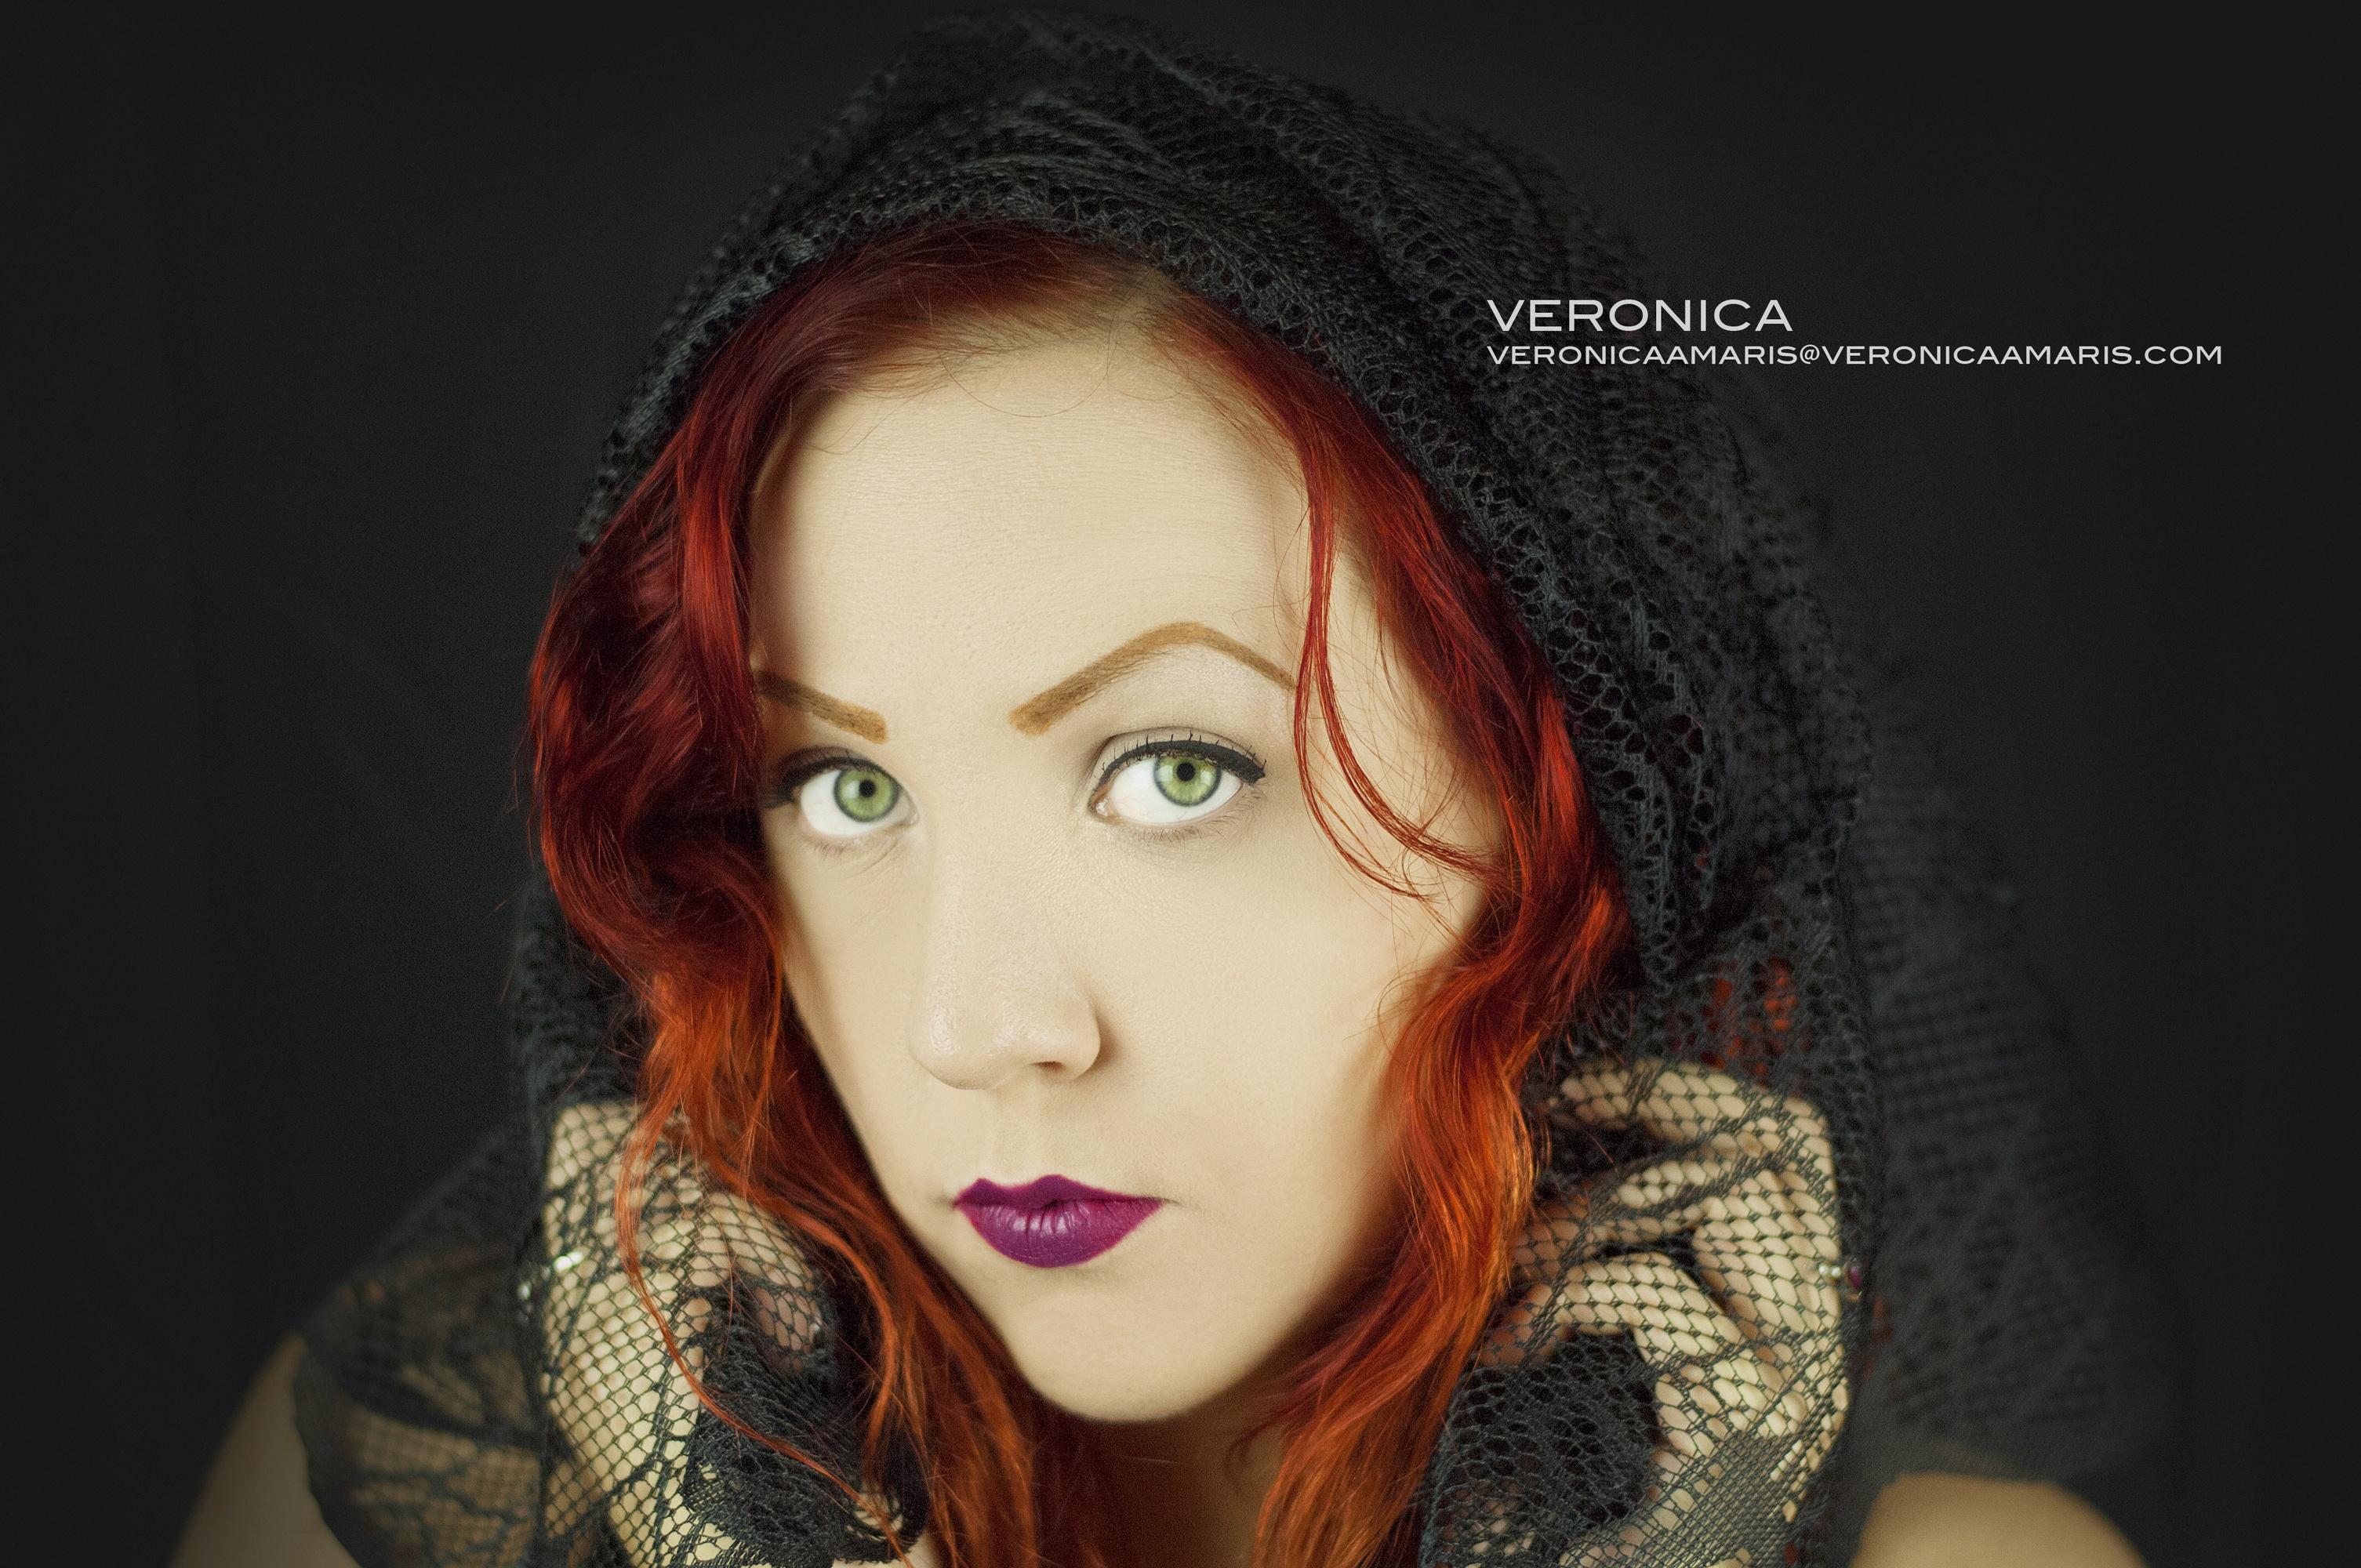 Veronica Amaris